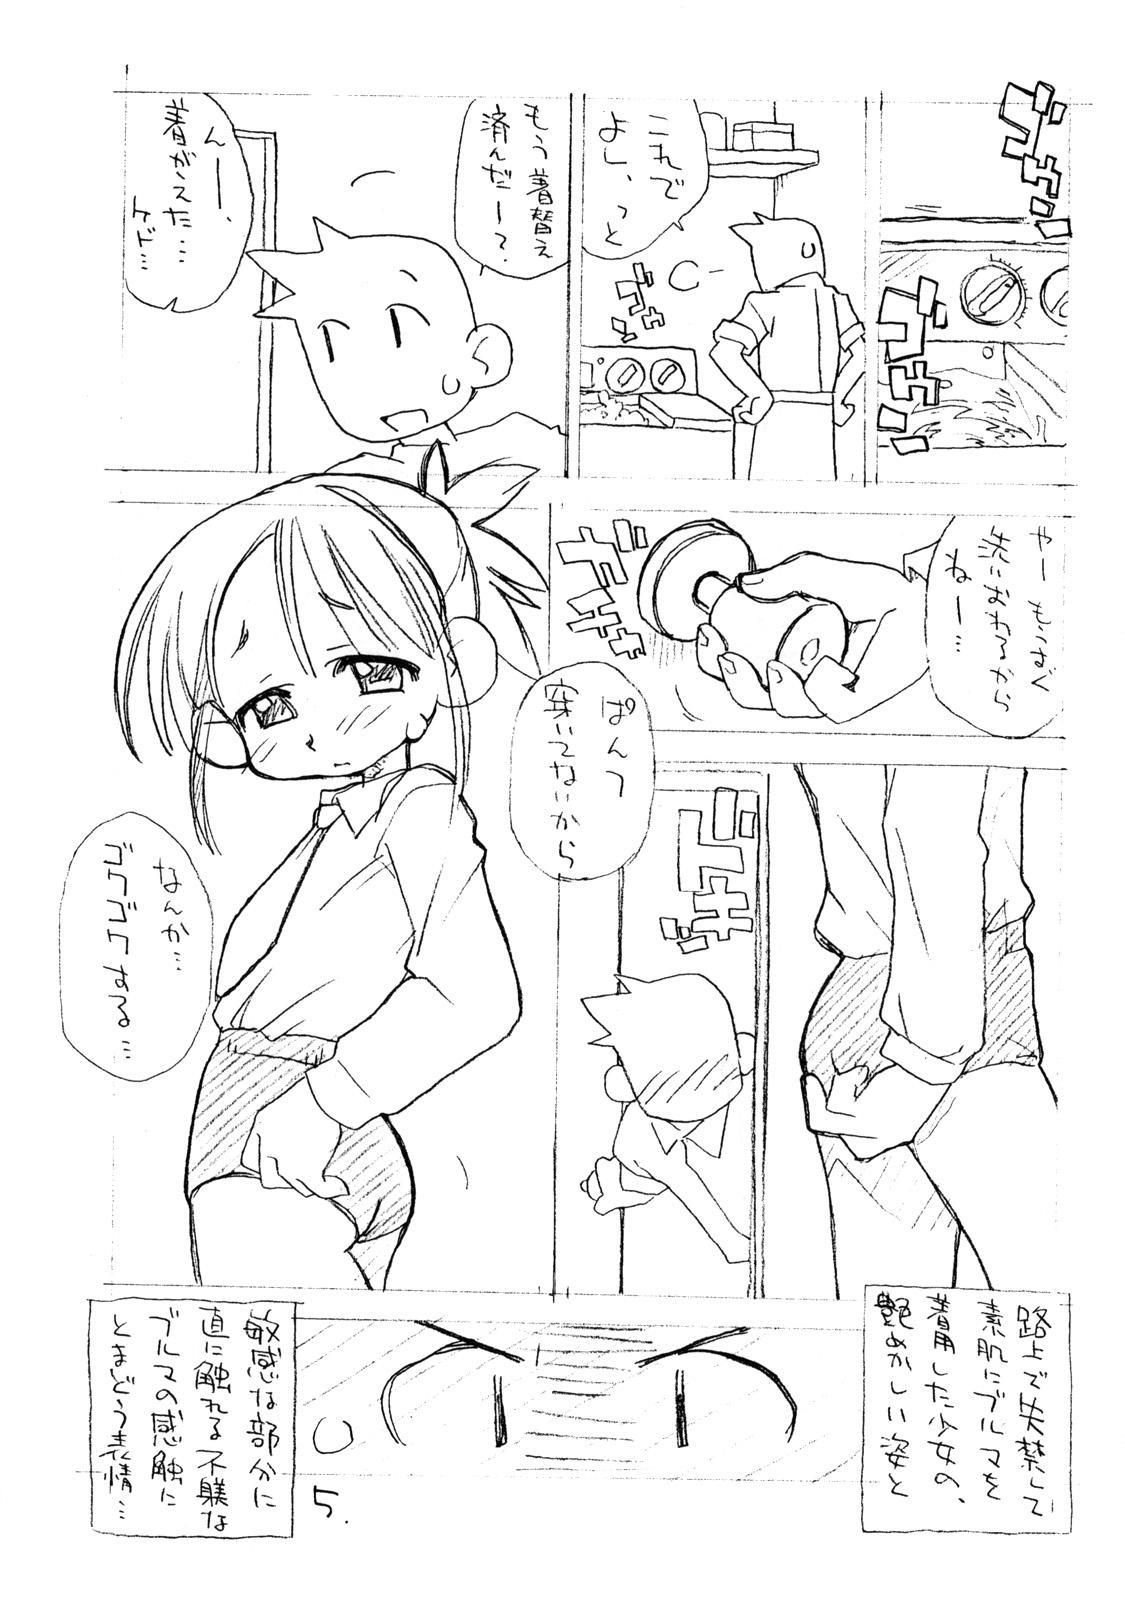 Okosama One-touch 3